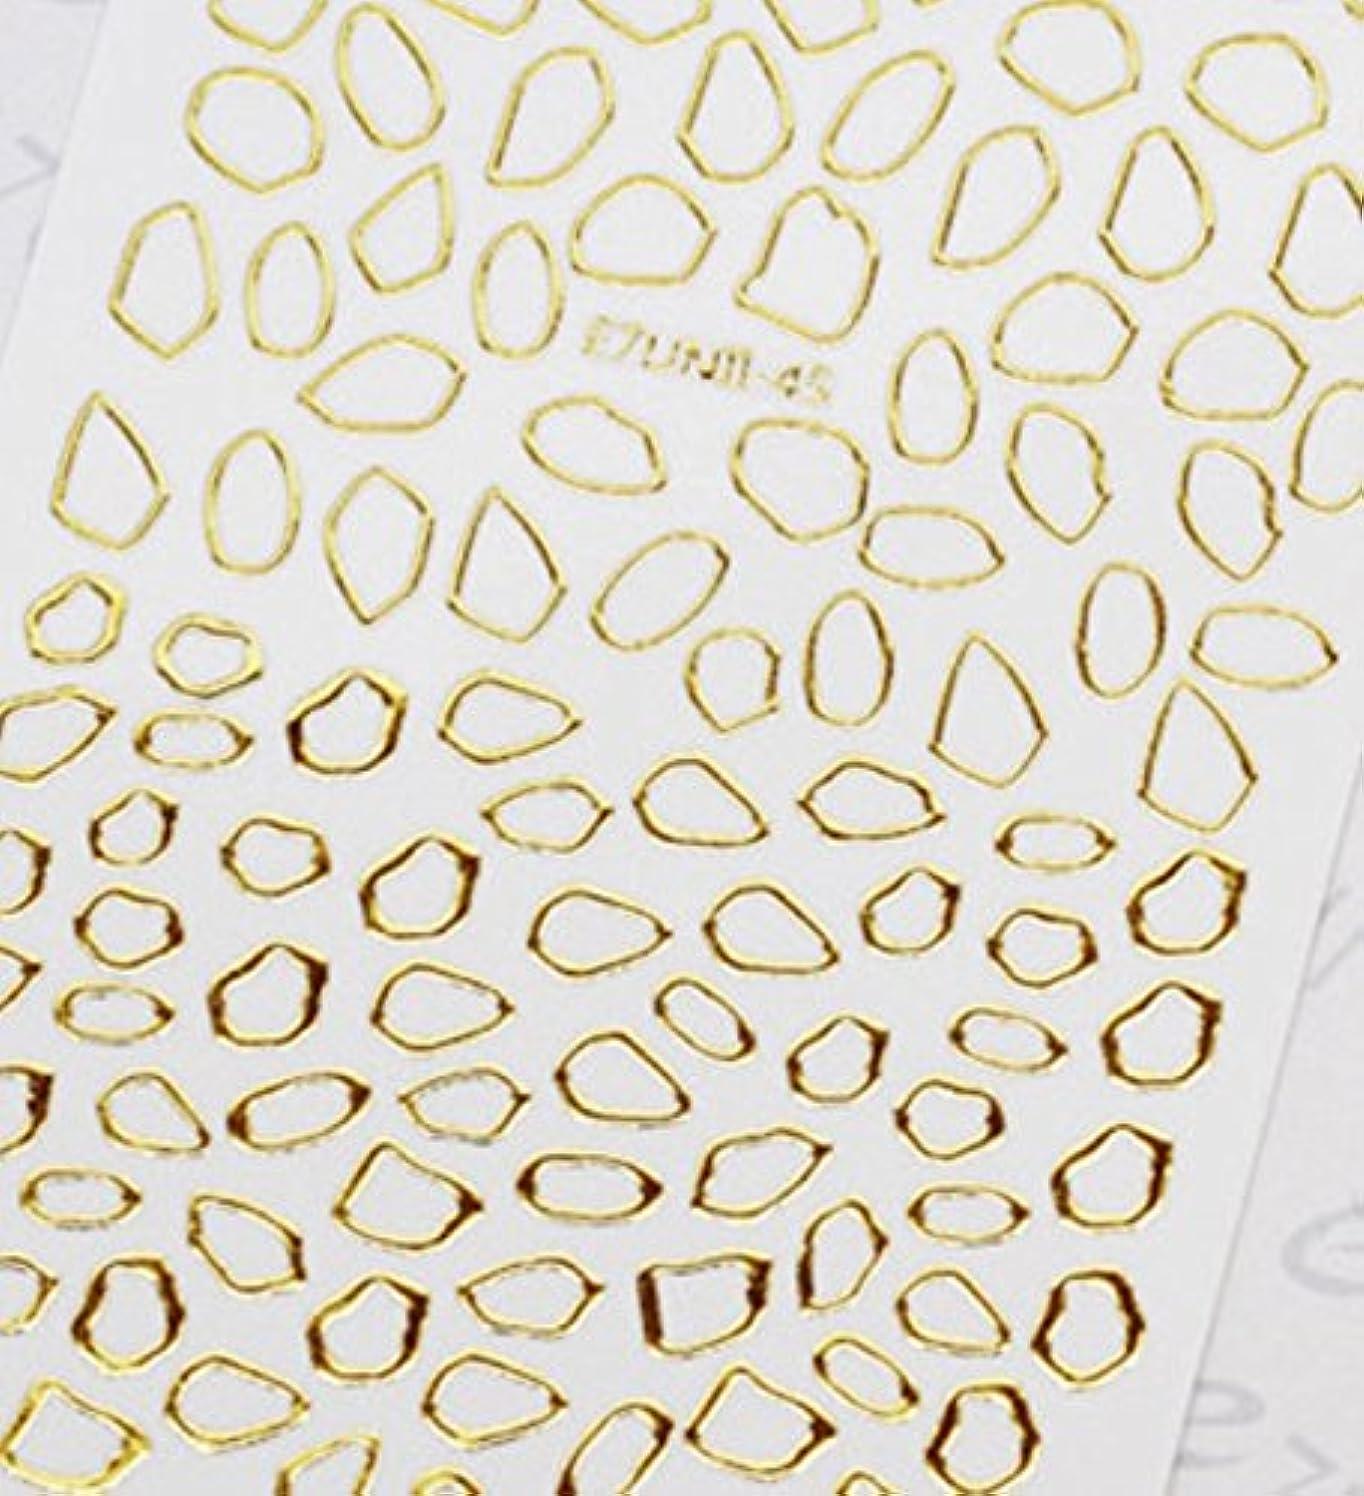 ポンペイ教室まだら極薄直接貼るタイプ ネイルシール スティッカー 枠 変形フレーム 垂らしこみアート用 多種多様なデザインに対応可能 ゴールド 金色 45番